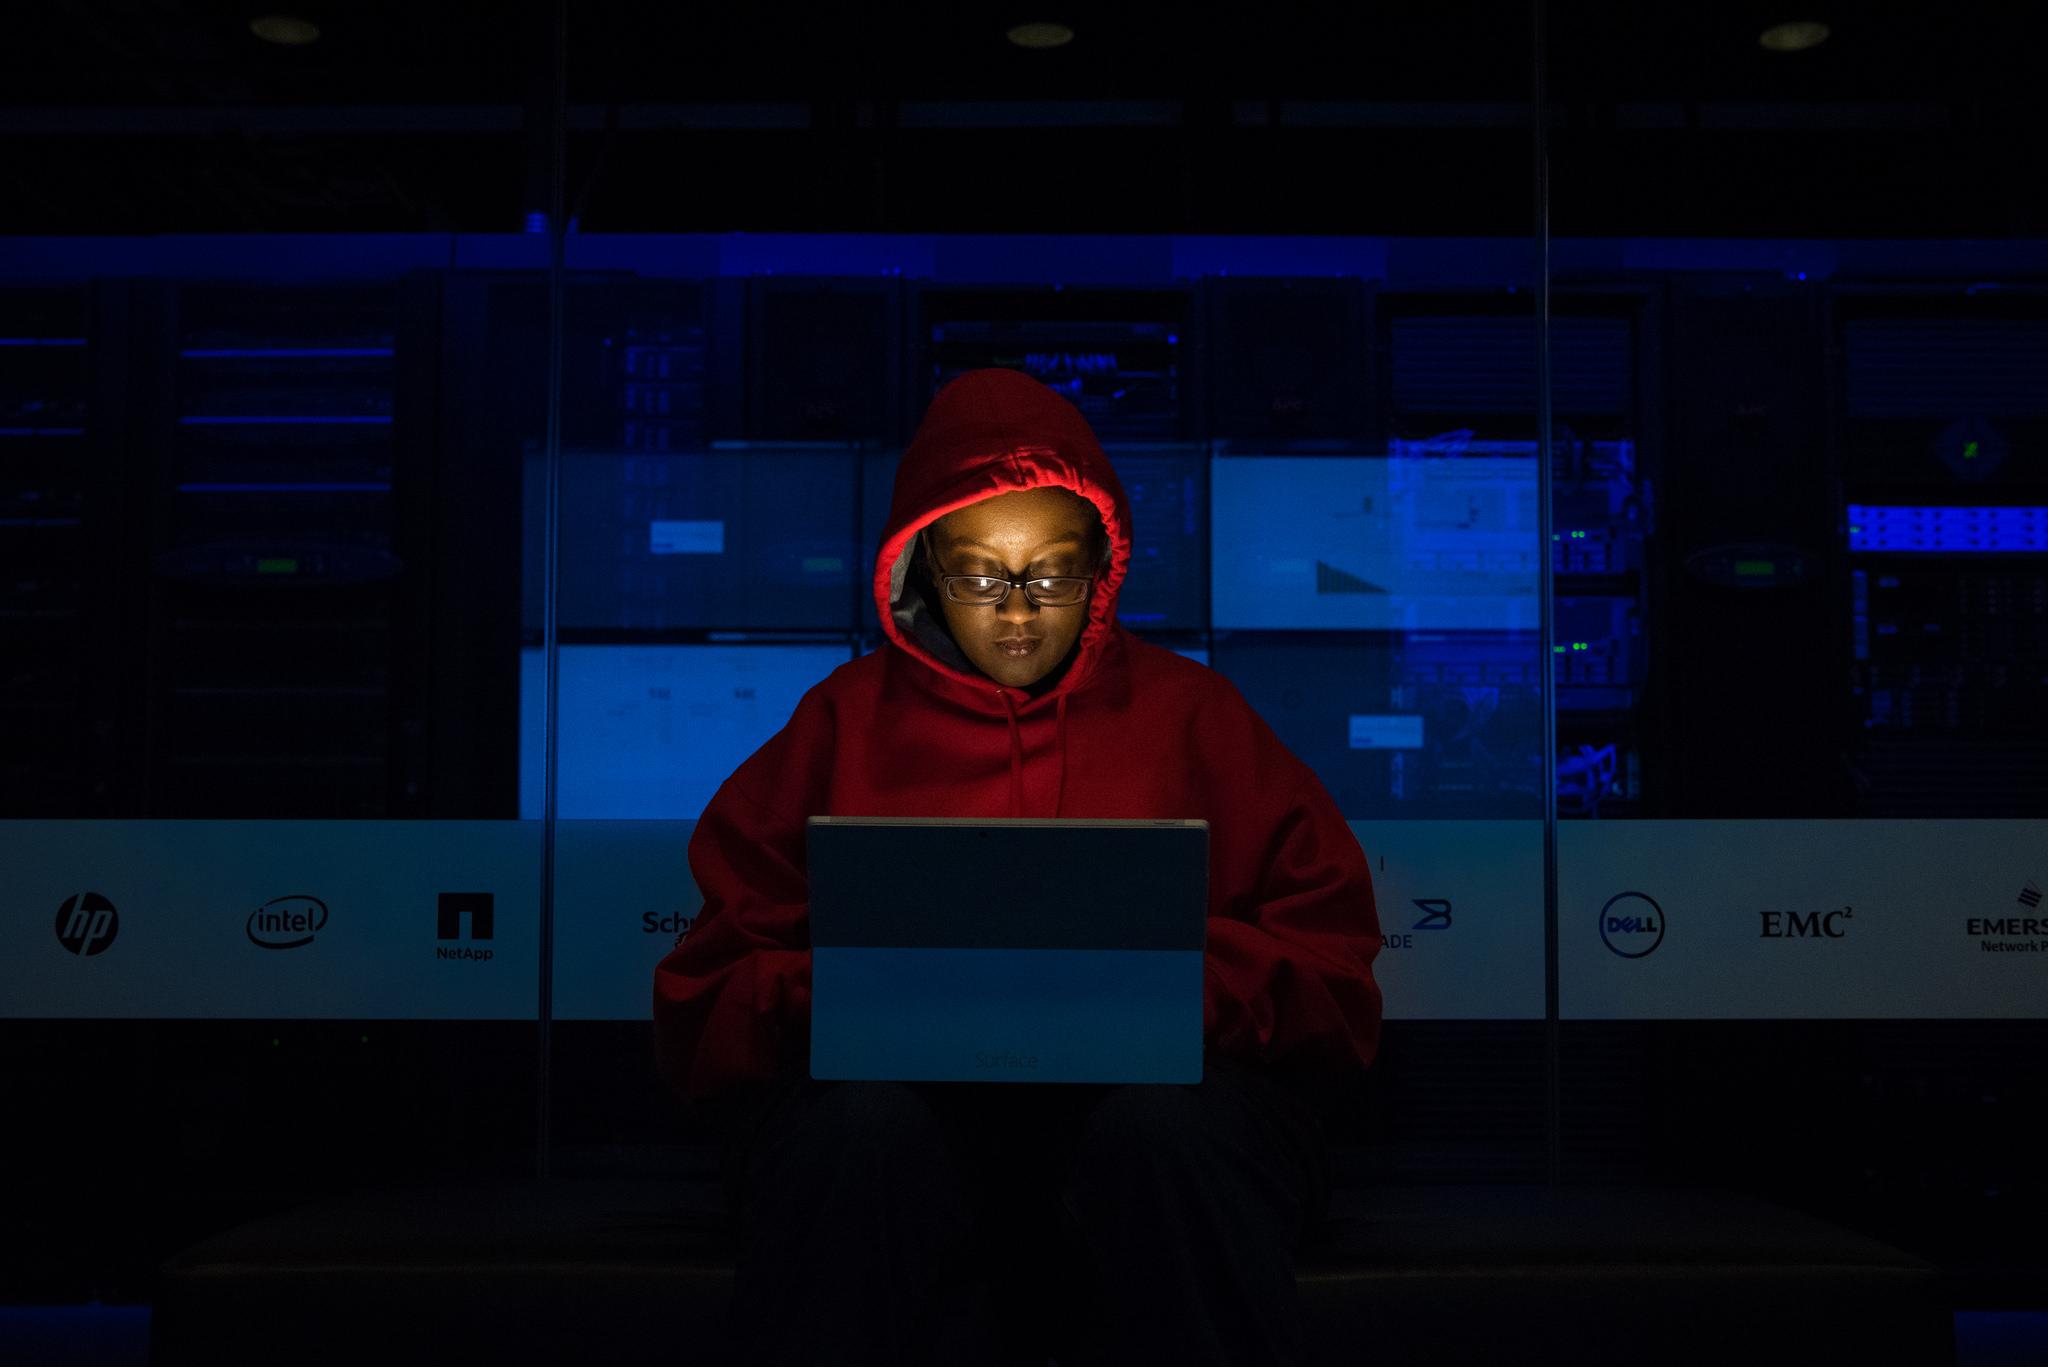 YouTube a été vivement critiqué pour s'en être pris à une chaîne de hacking éthique